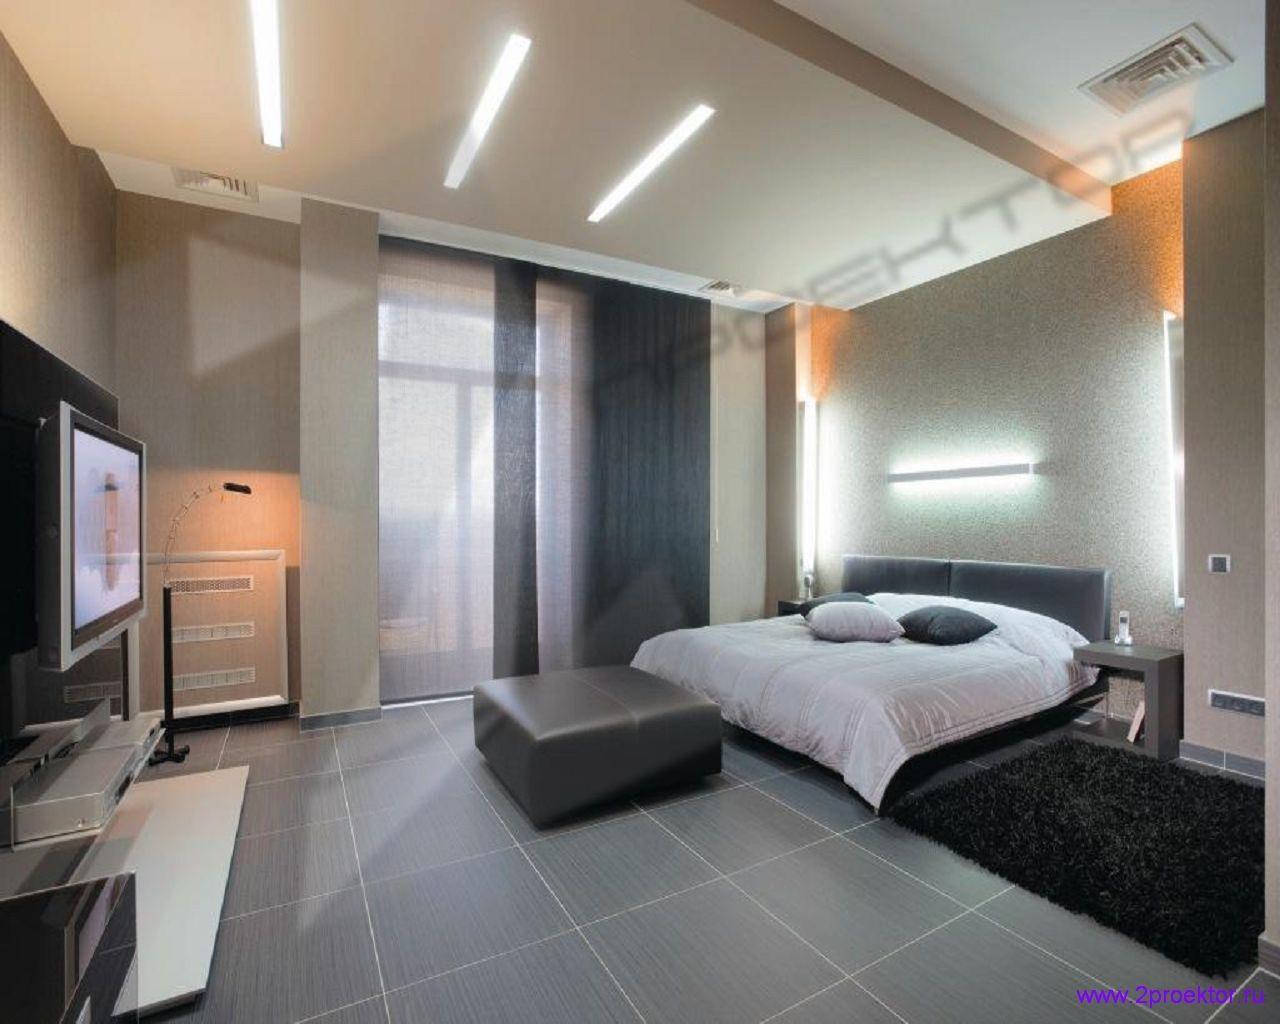 Дизайн спальни в современном стиле в Жилом комплексе Долина Грез.